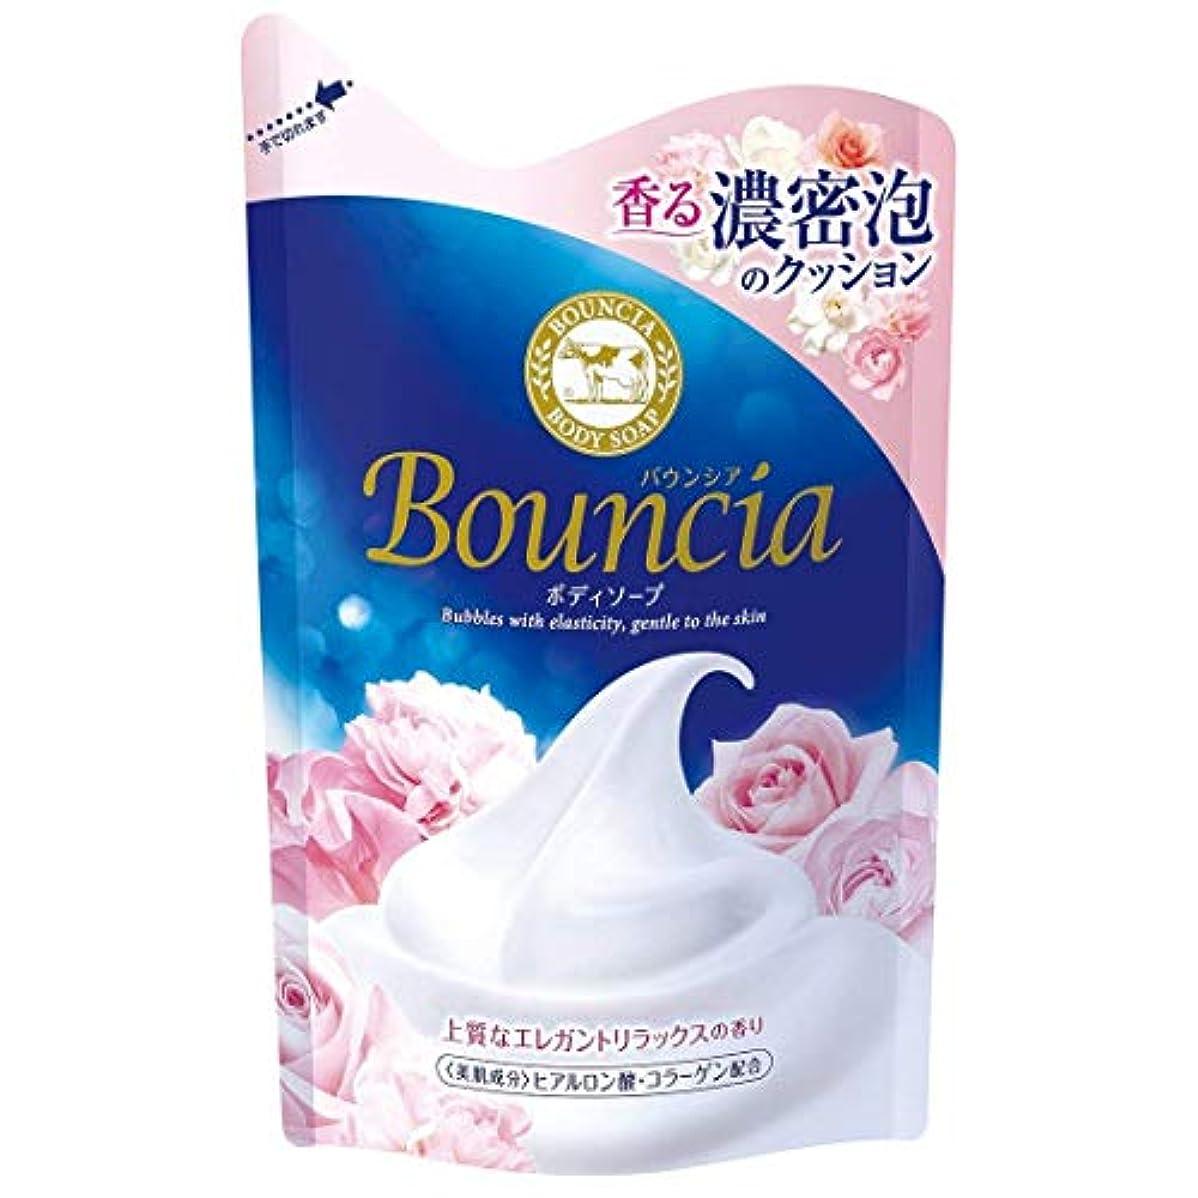 水平水平嬉しいです【まとめ買い】 バウンシア ボディソープ エレガントリラックスの香り つめかえ用 430ml × 3個